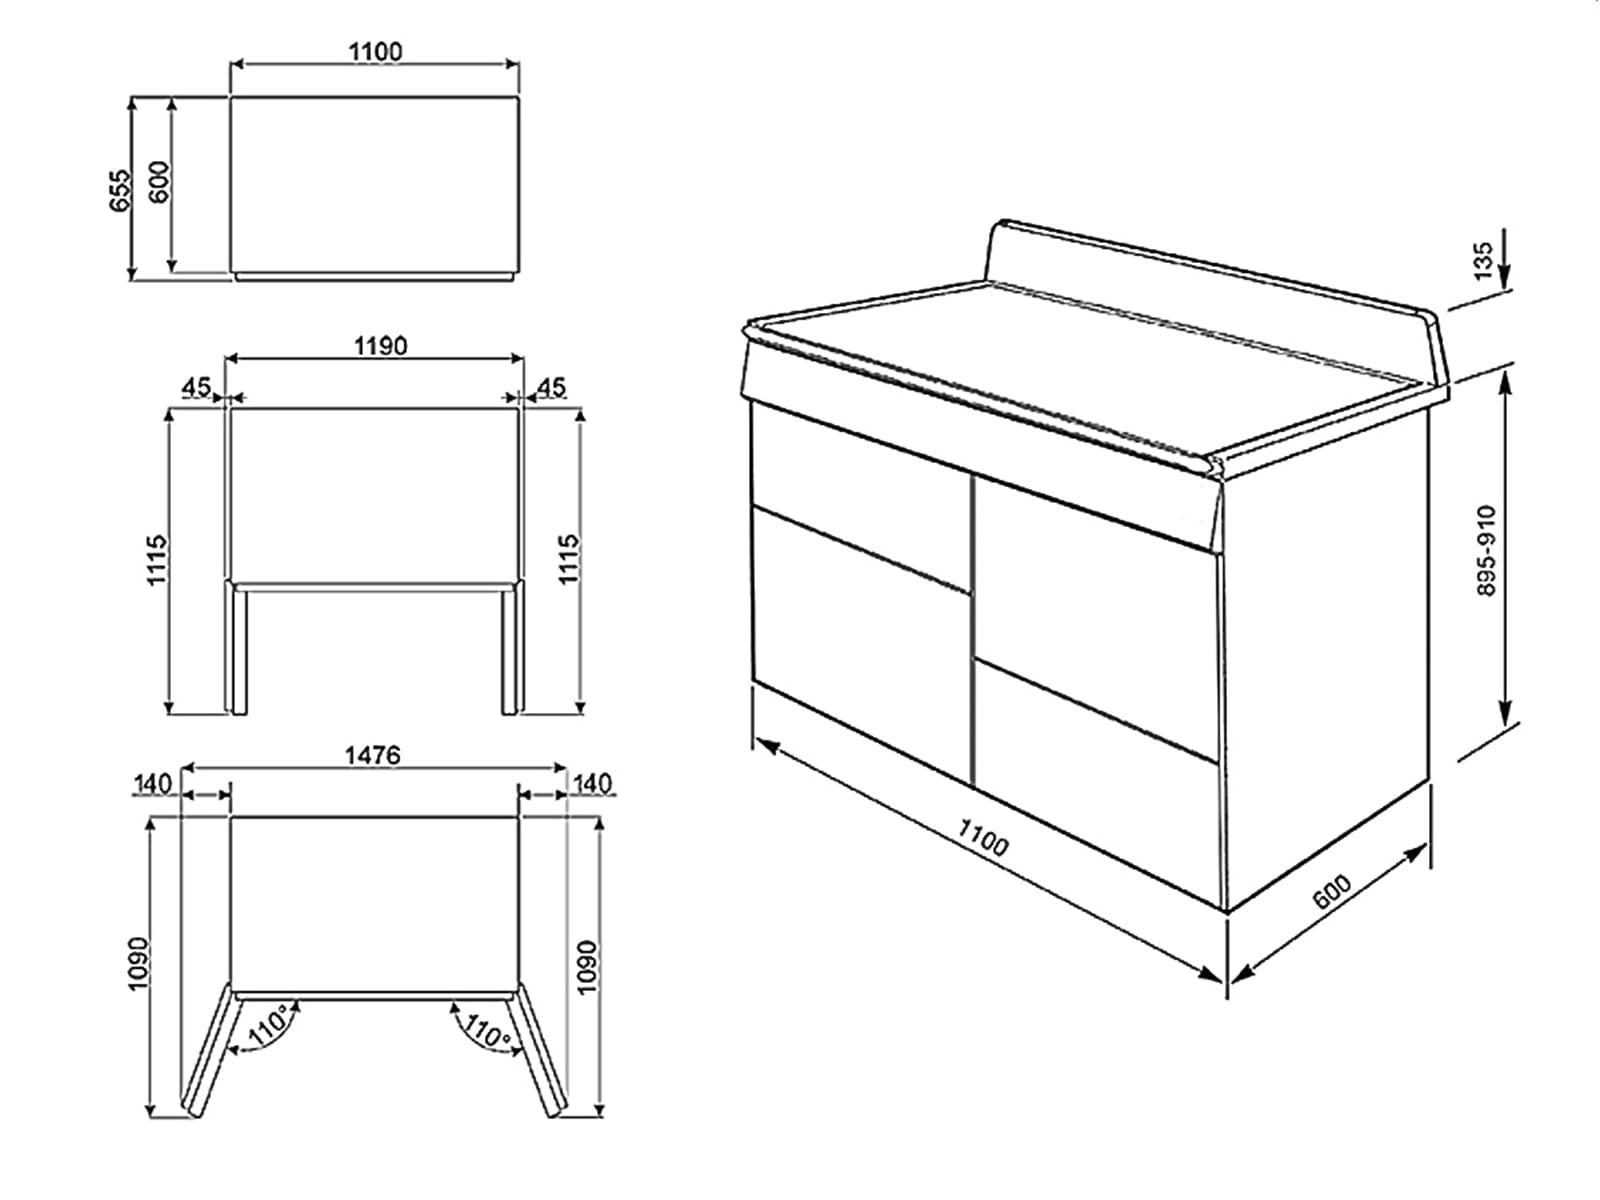 smeg tr4110ix induktion standherd edelstahl kochfeld backofen 110cm notalgie ebay. Black Bedroom Furniture Sets. Home Design Ideas